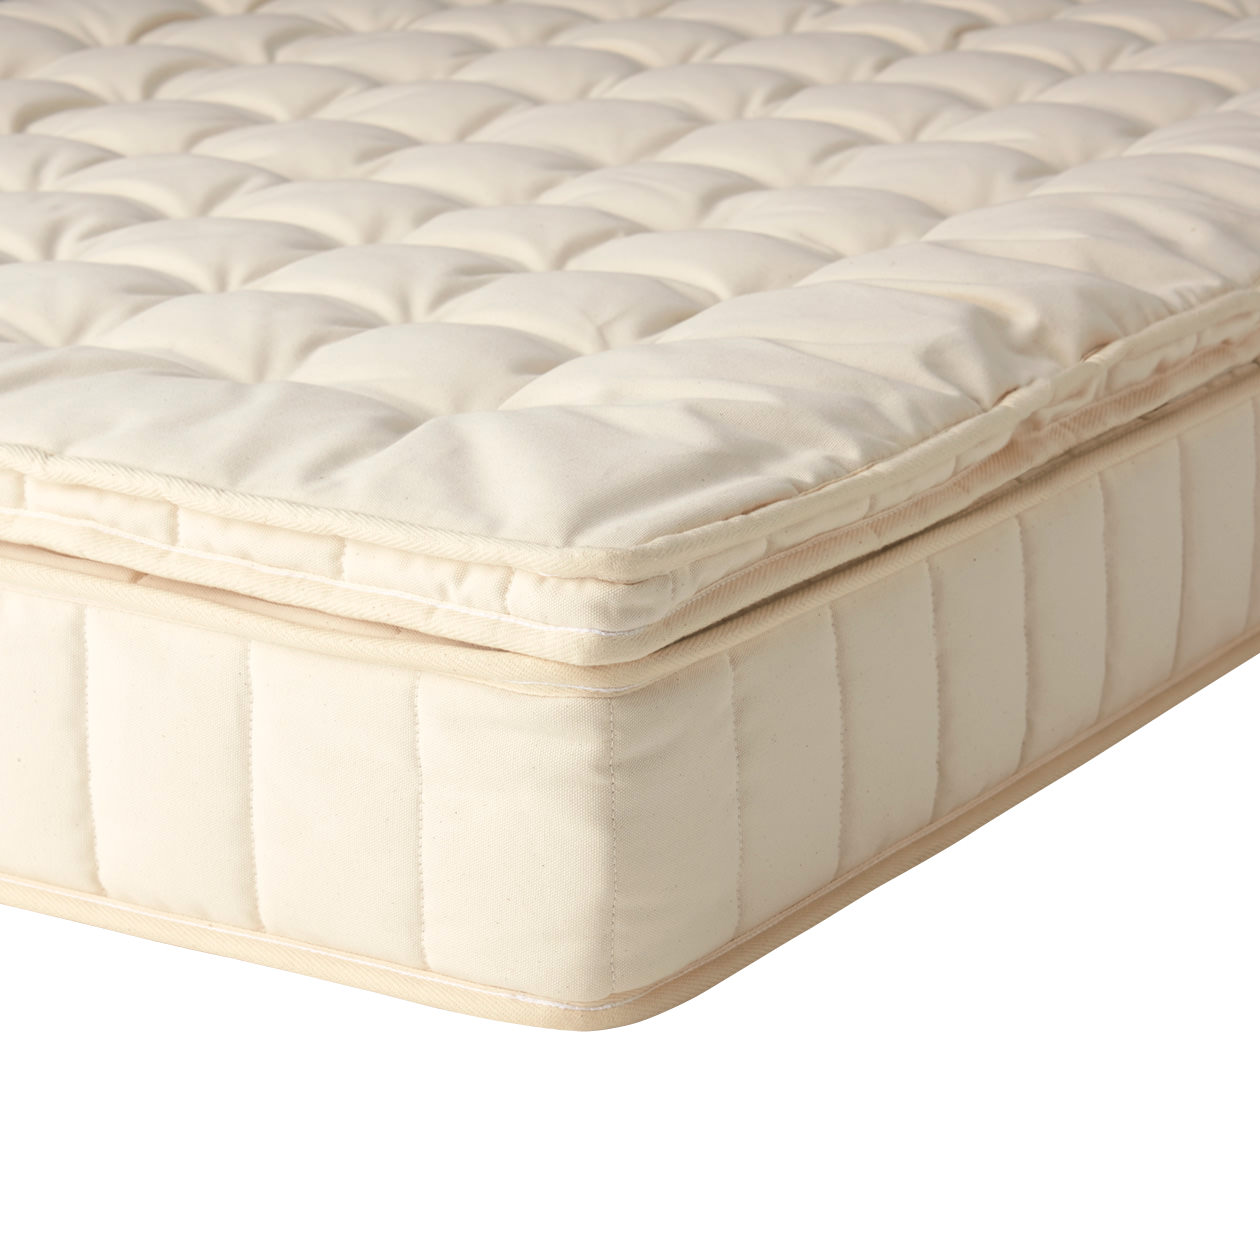 マットレス付きセミダブルベッド 無印良品好きに人気 収納付きベッド マット付き